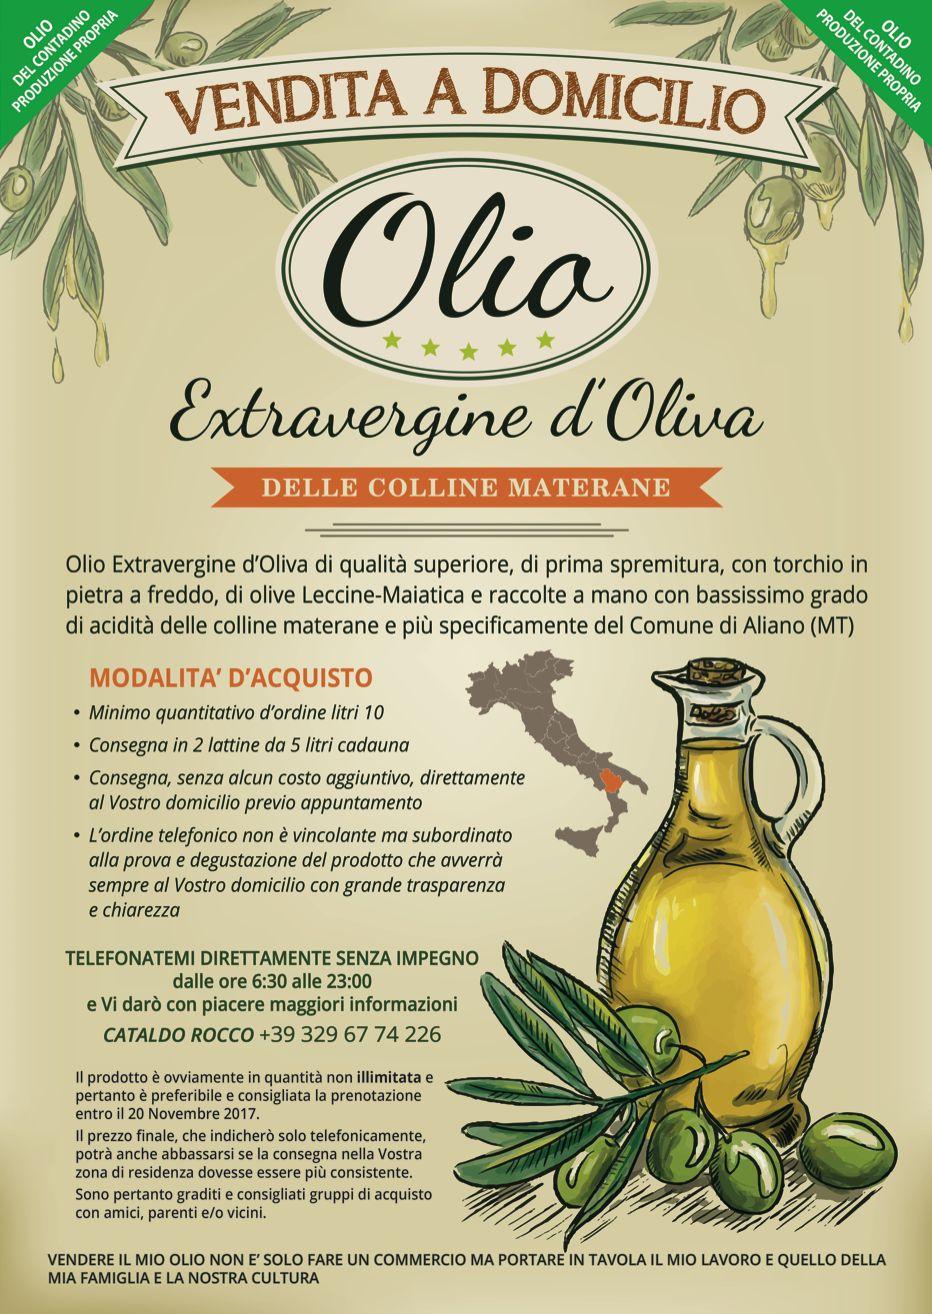 Olio extra vergine d'oliva delle colline lucane